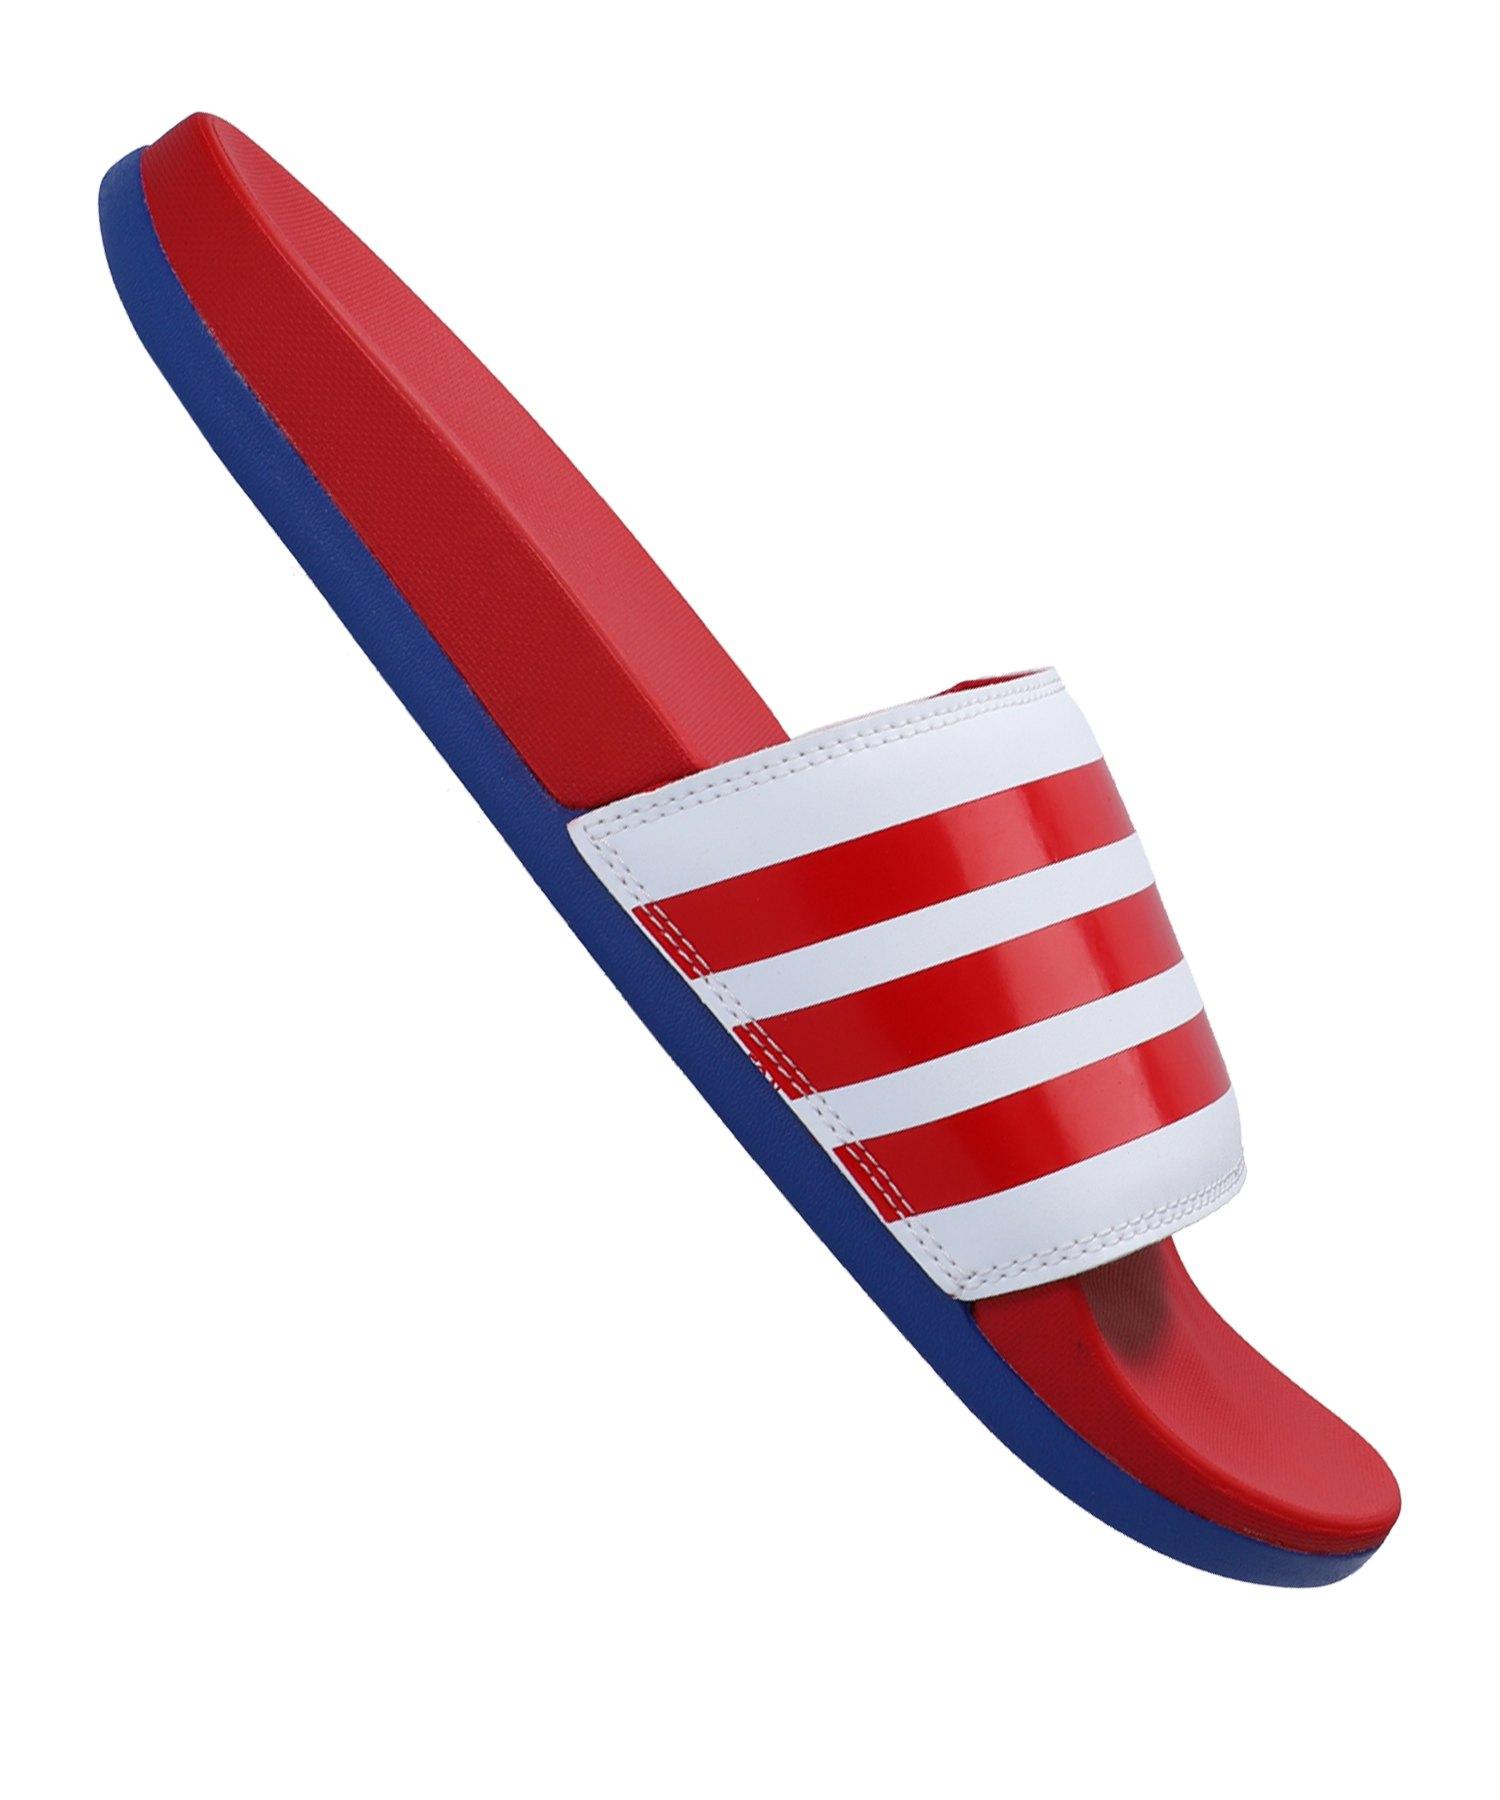 adidas Adilette Comfort Badelatsche Weiss Rot - weiss